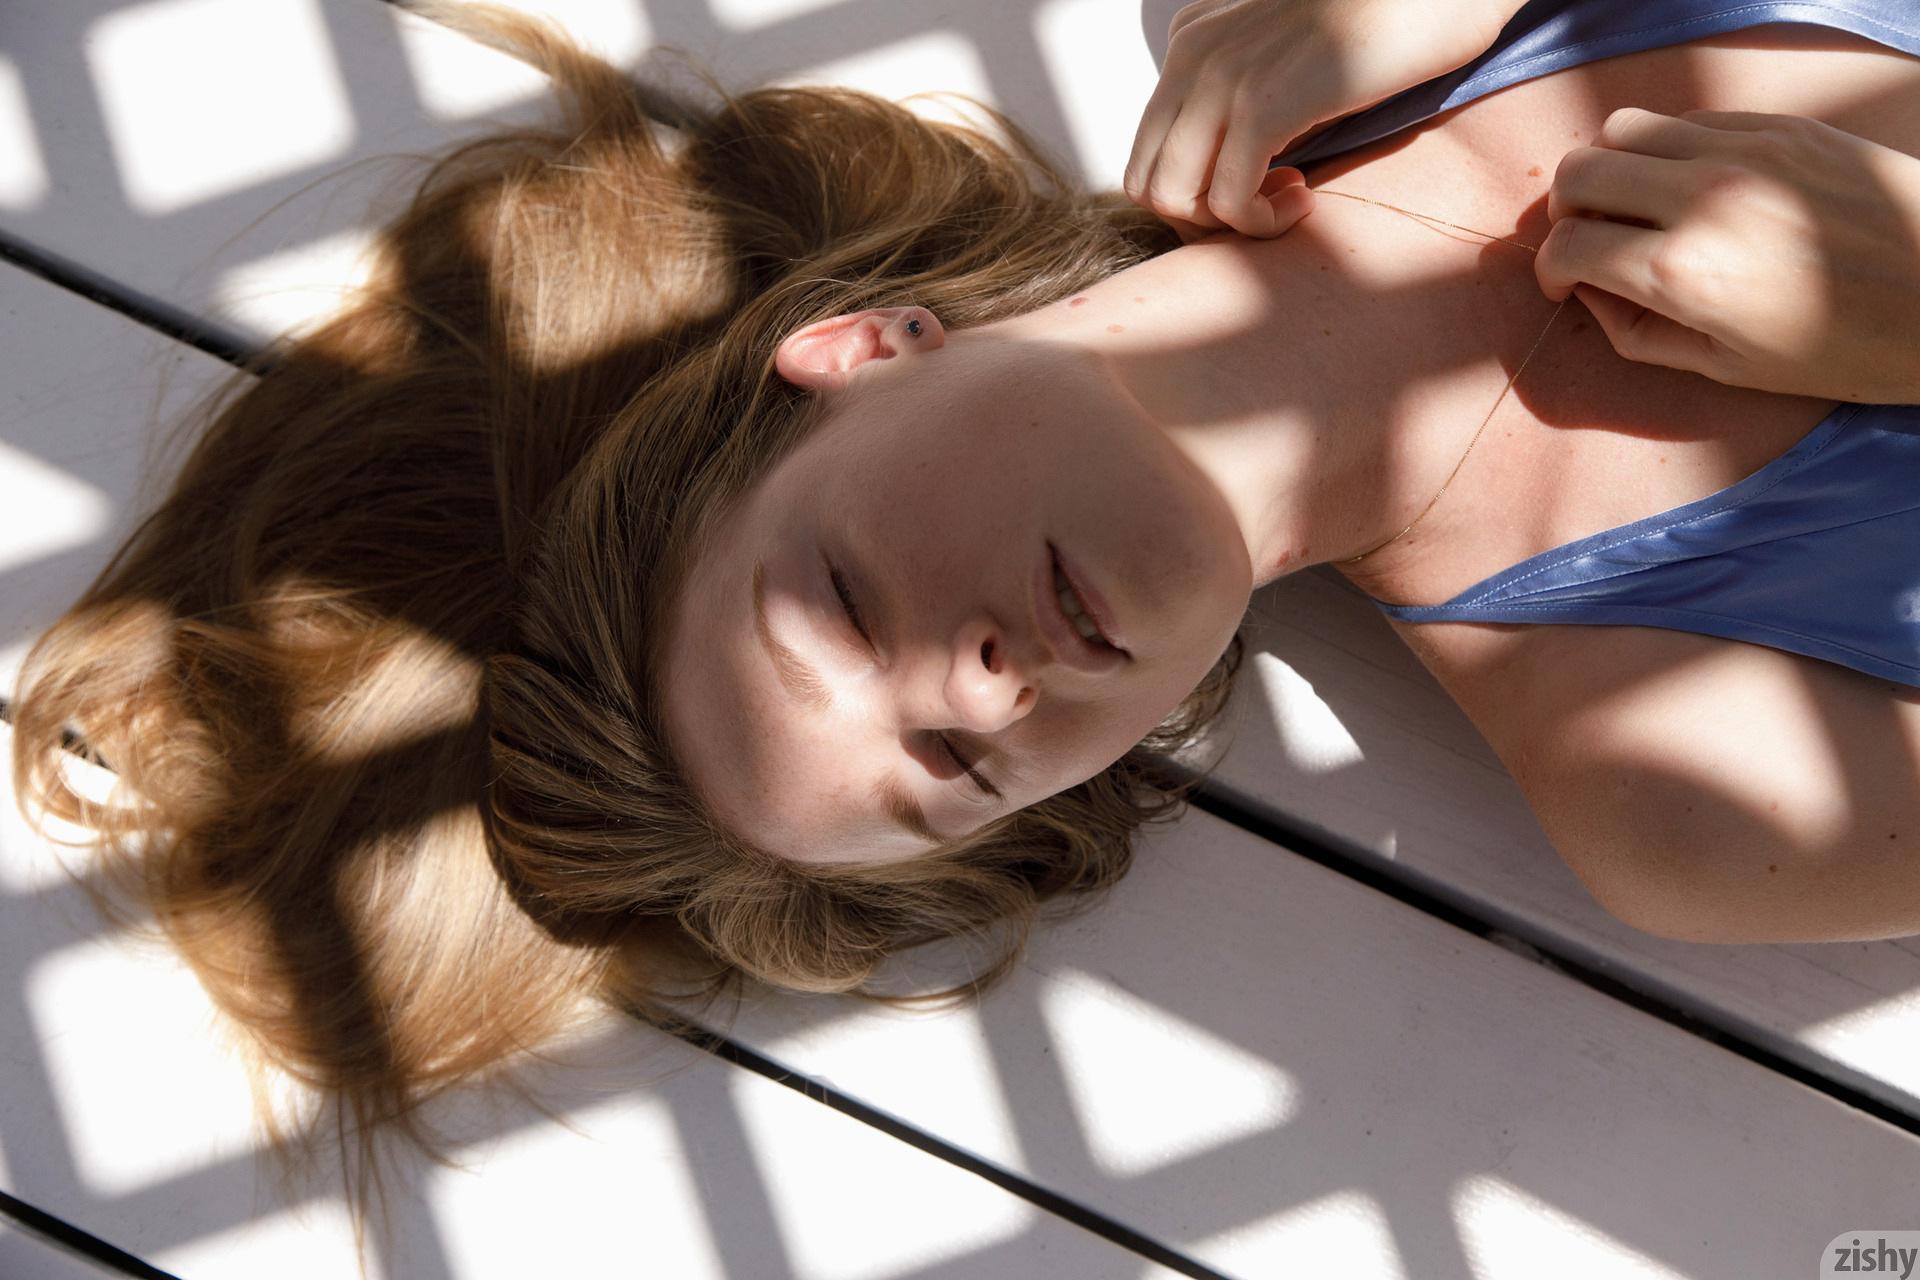 Ashley Lane Rope On Amazon Zishy (14)